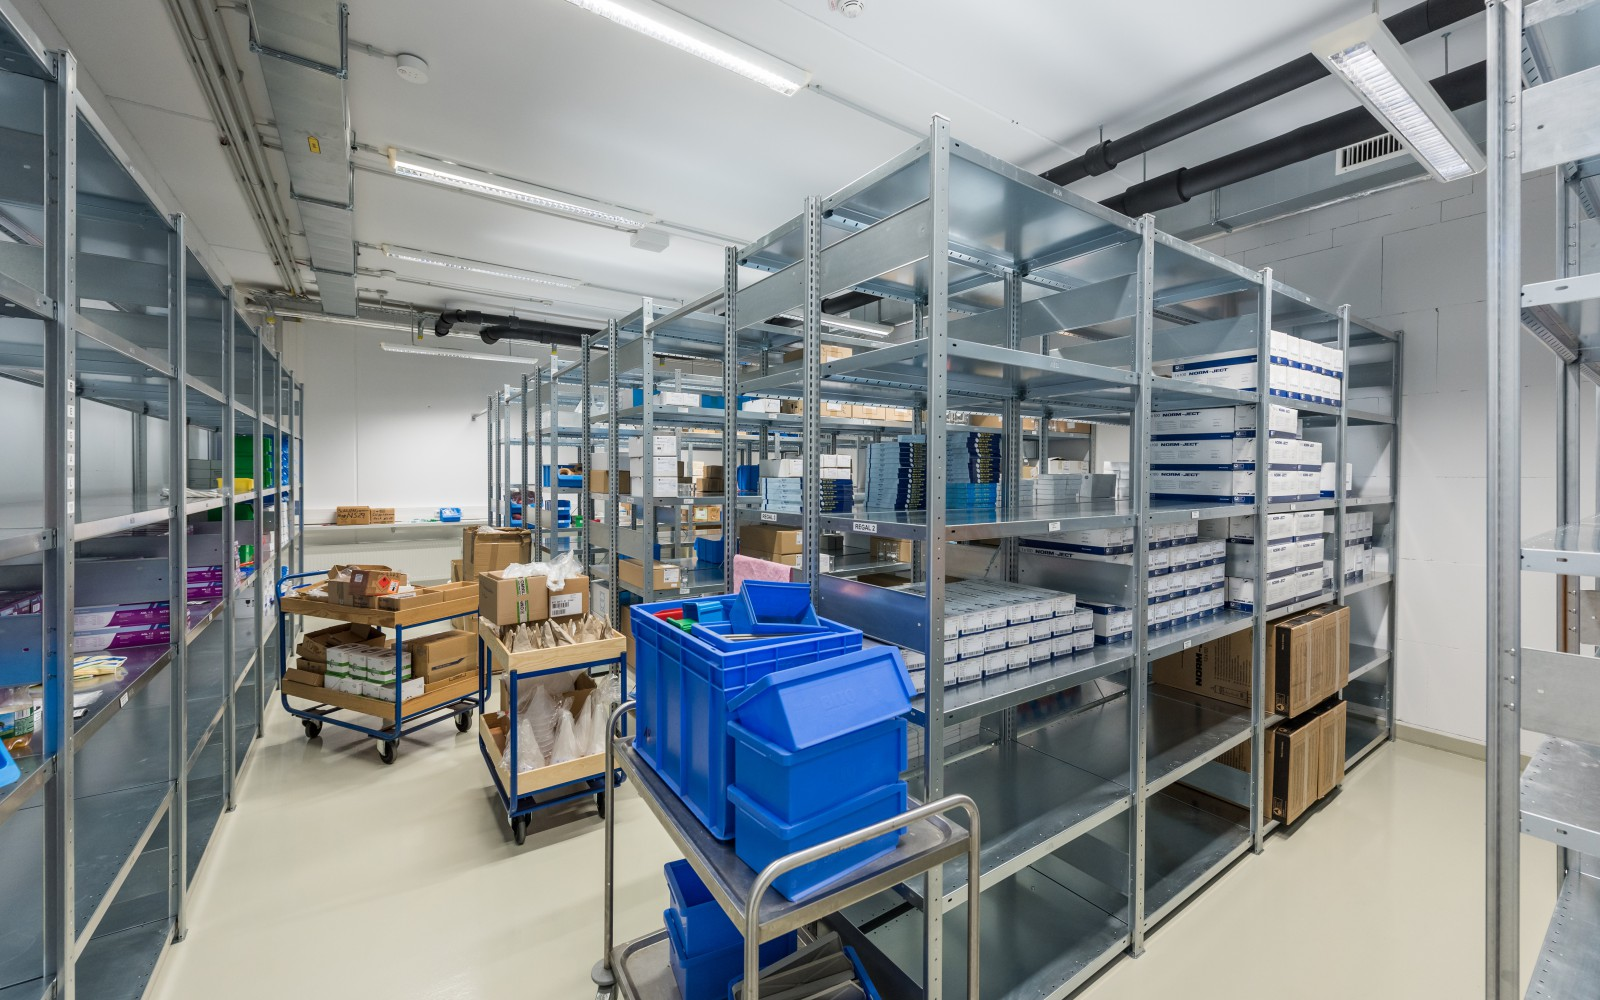 neubau-warenlager-uni-hamburg-fachbereich-chemie-lager